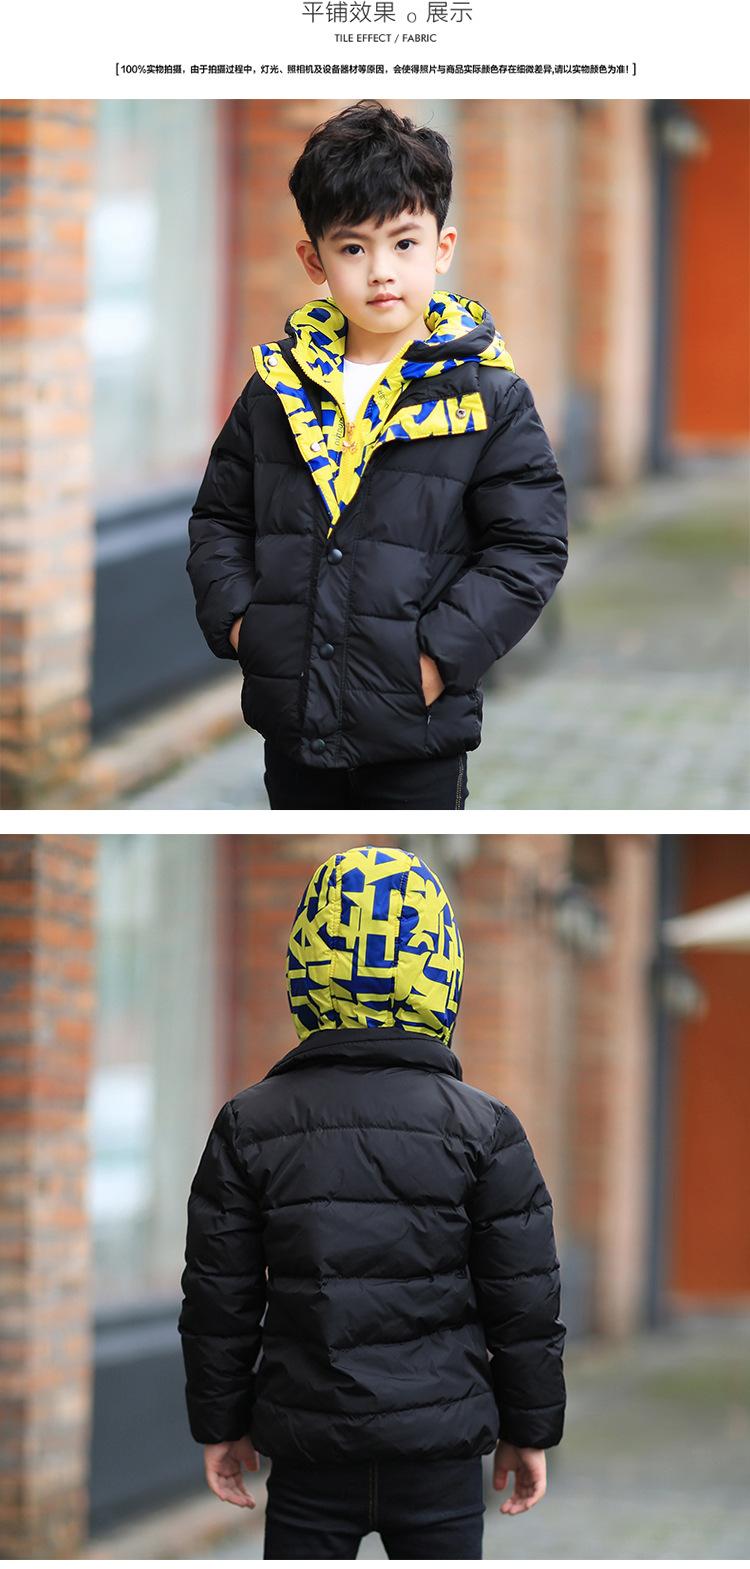 Скидки на Новый осень зима мальчик одежда мода дети пуховик дети теплое с капюшоном пальто мальчики верхняя одежда